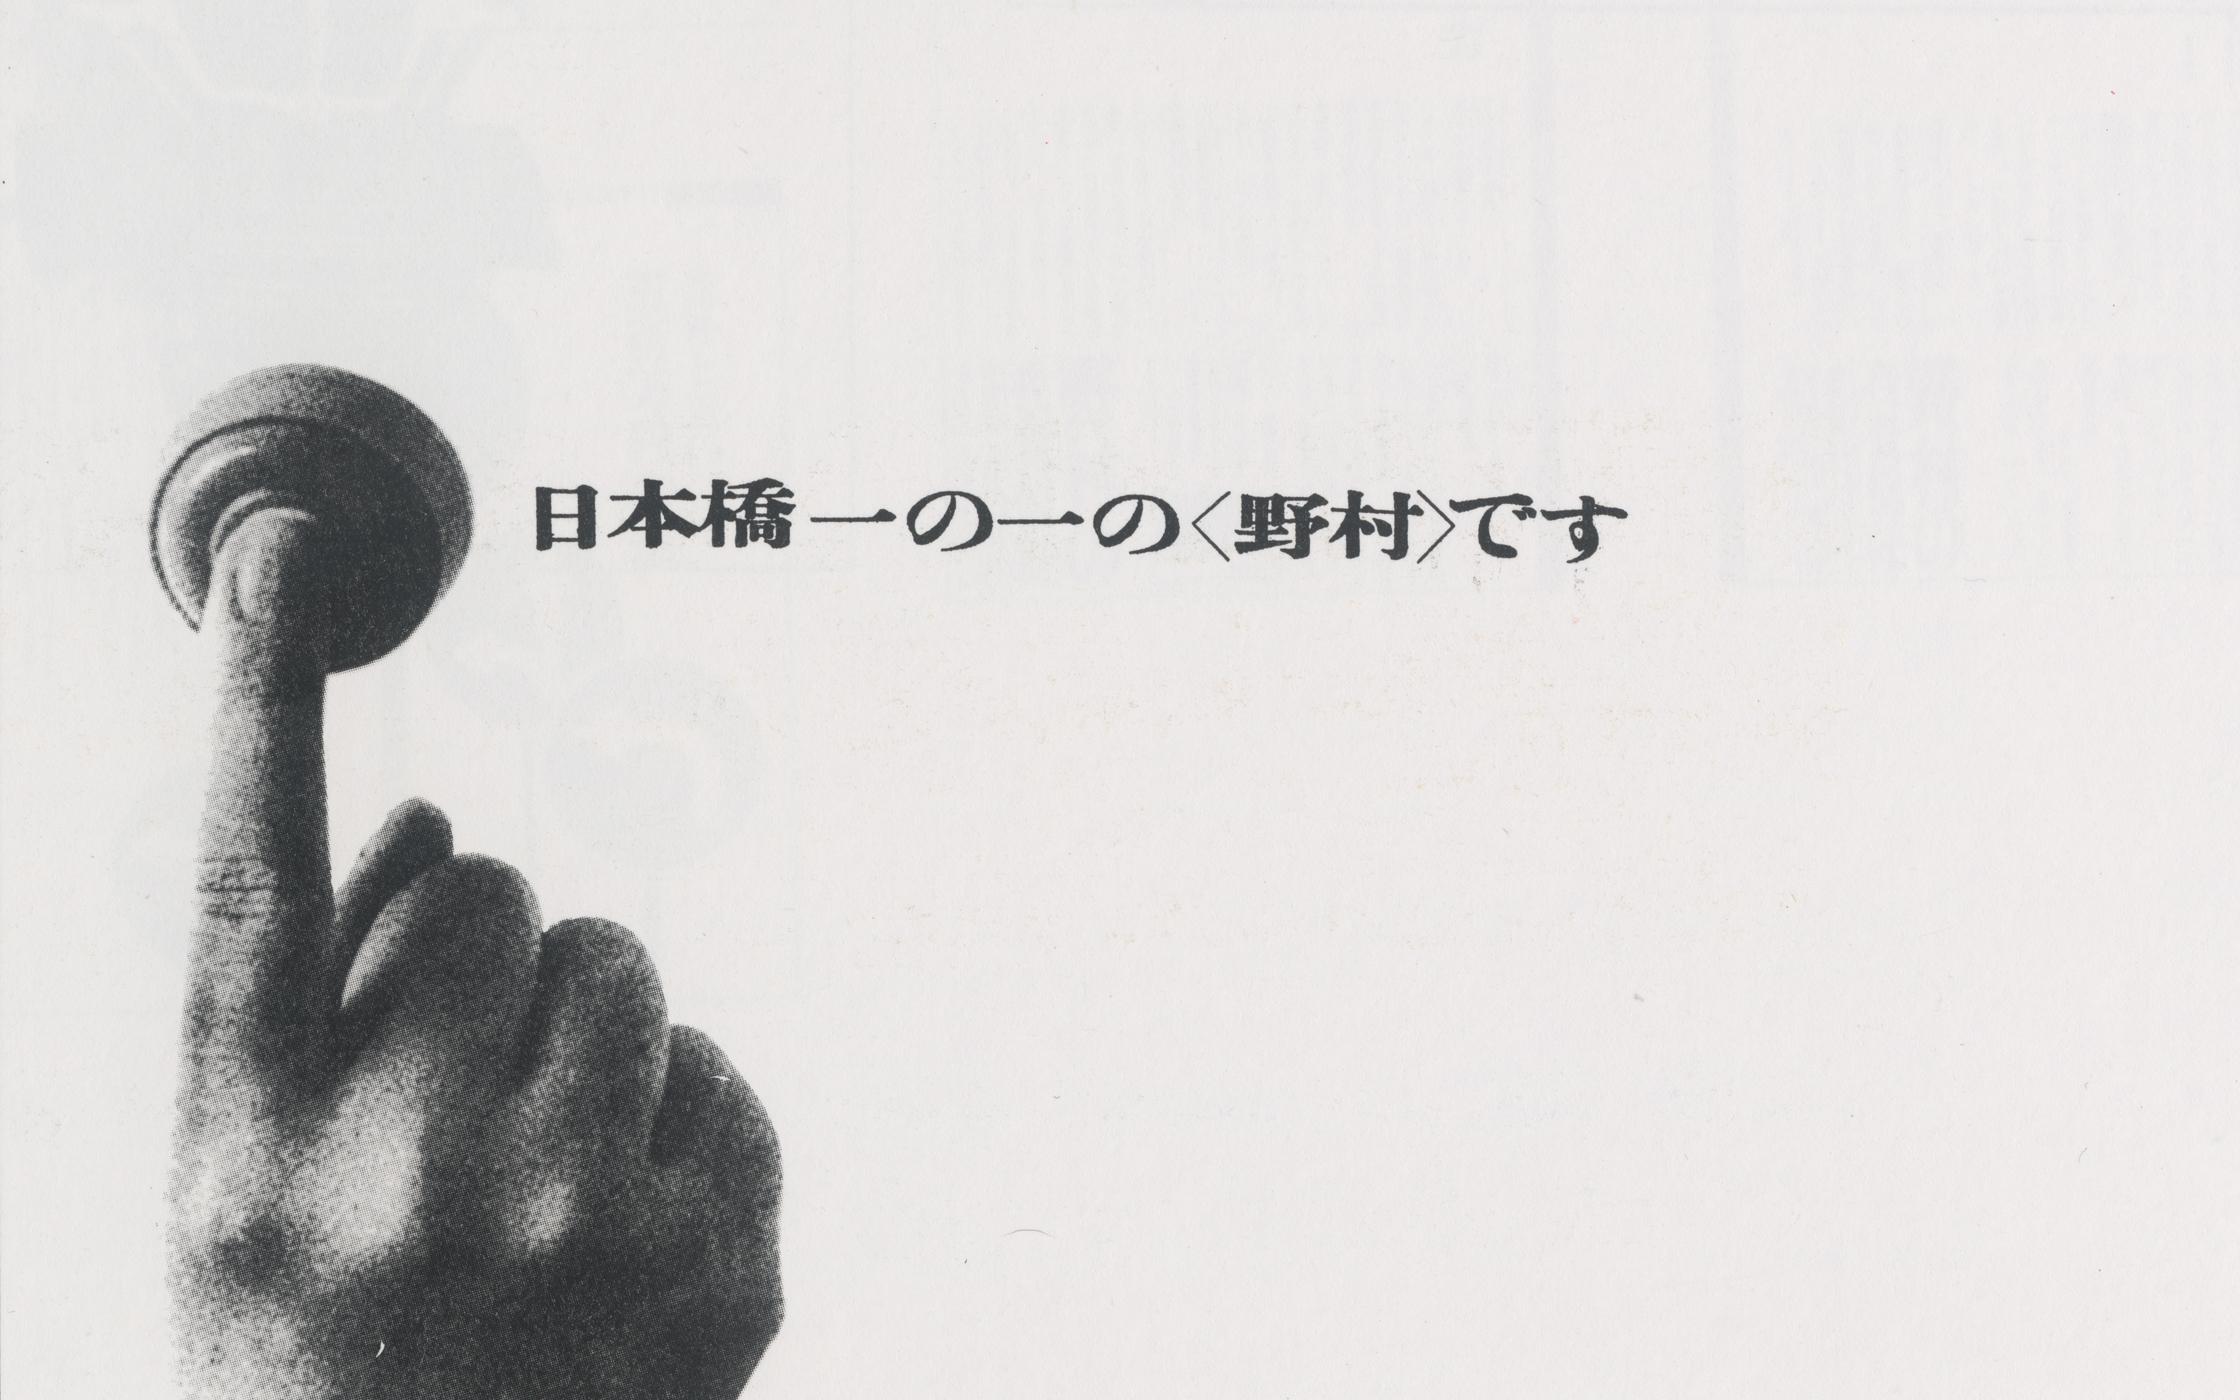 野村證券「日本橋一の一の〈野村〉です」